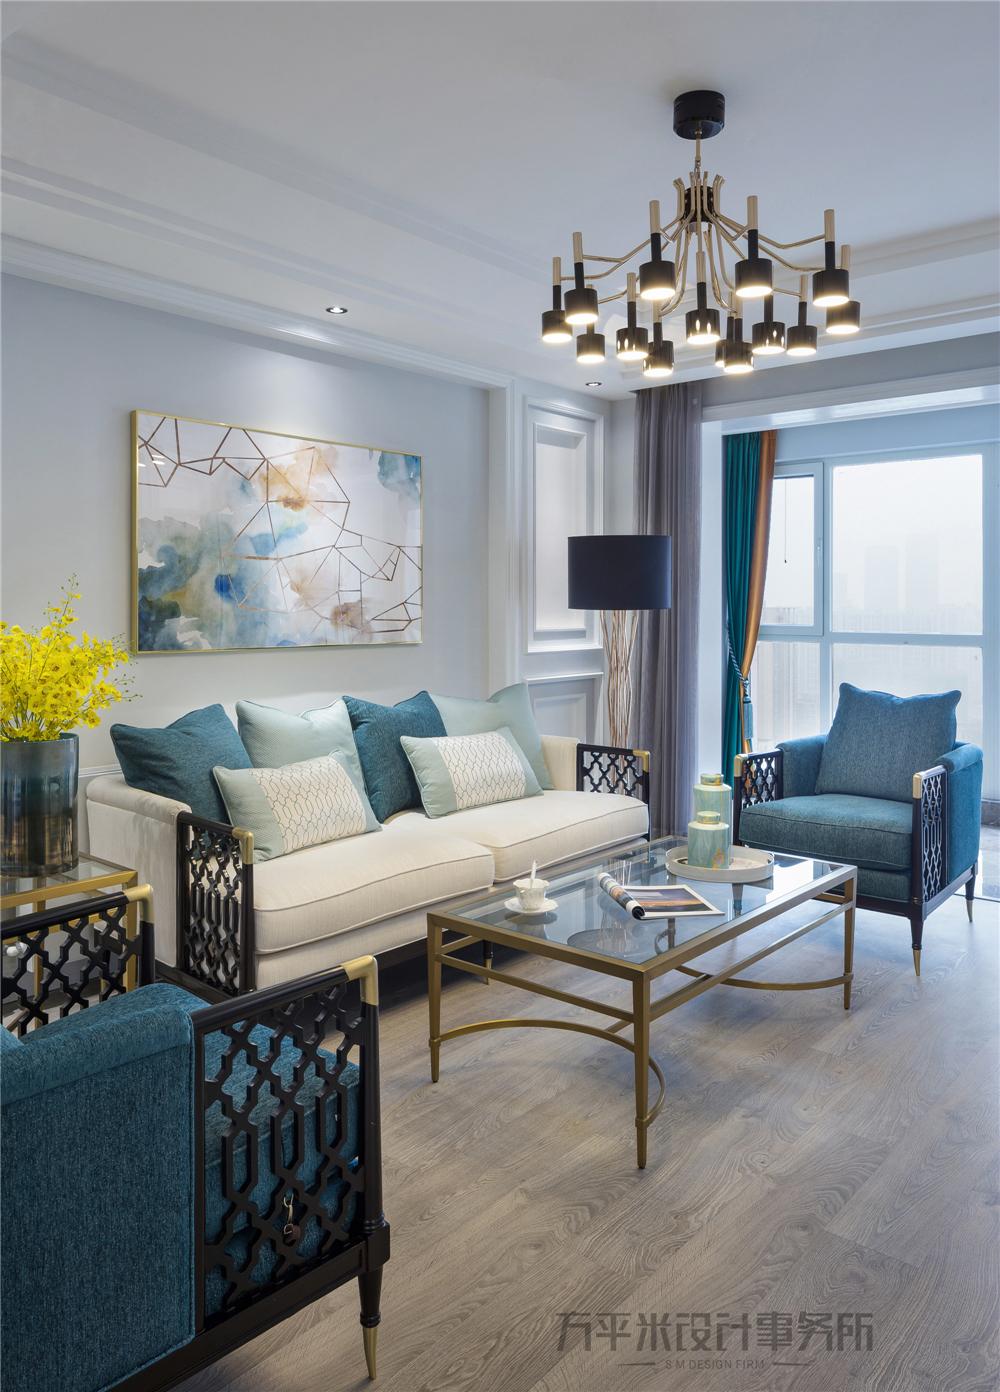 124㎡现代美式装修客厅吊灯设计